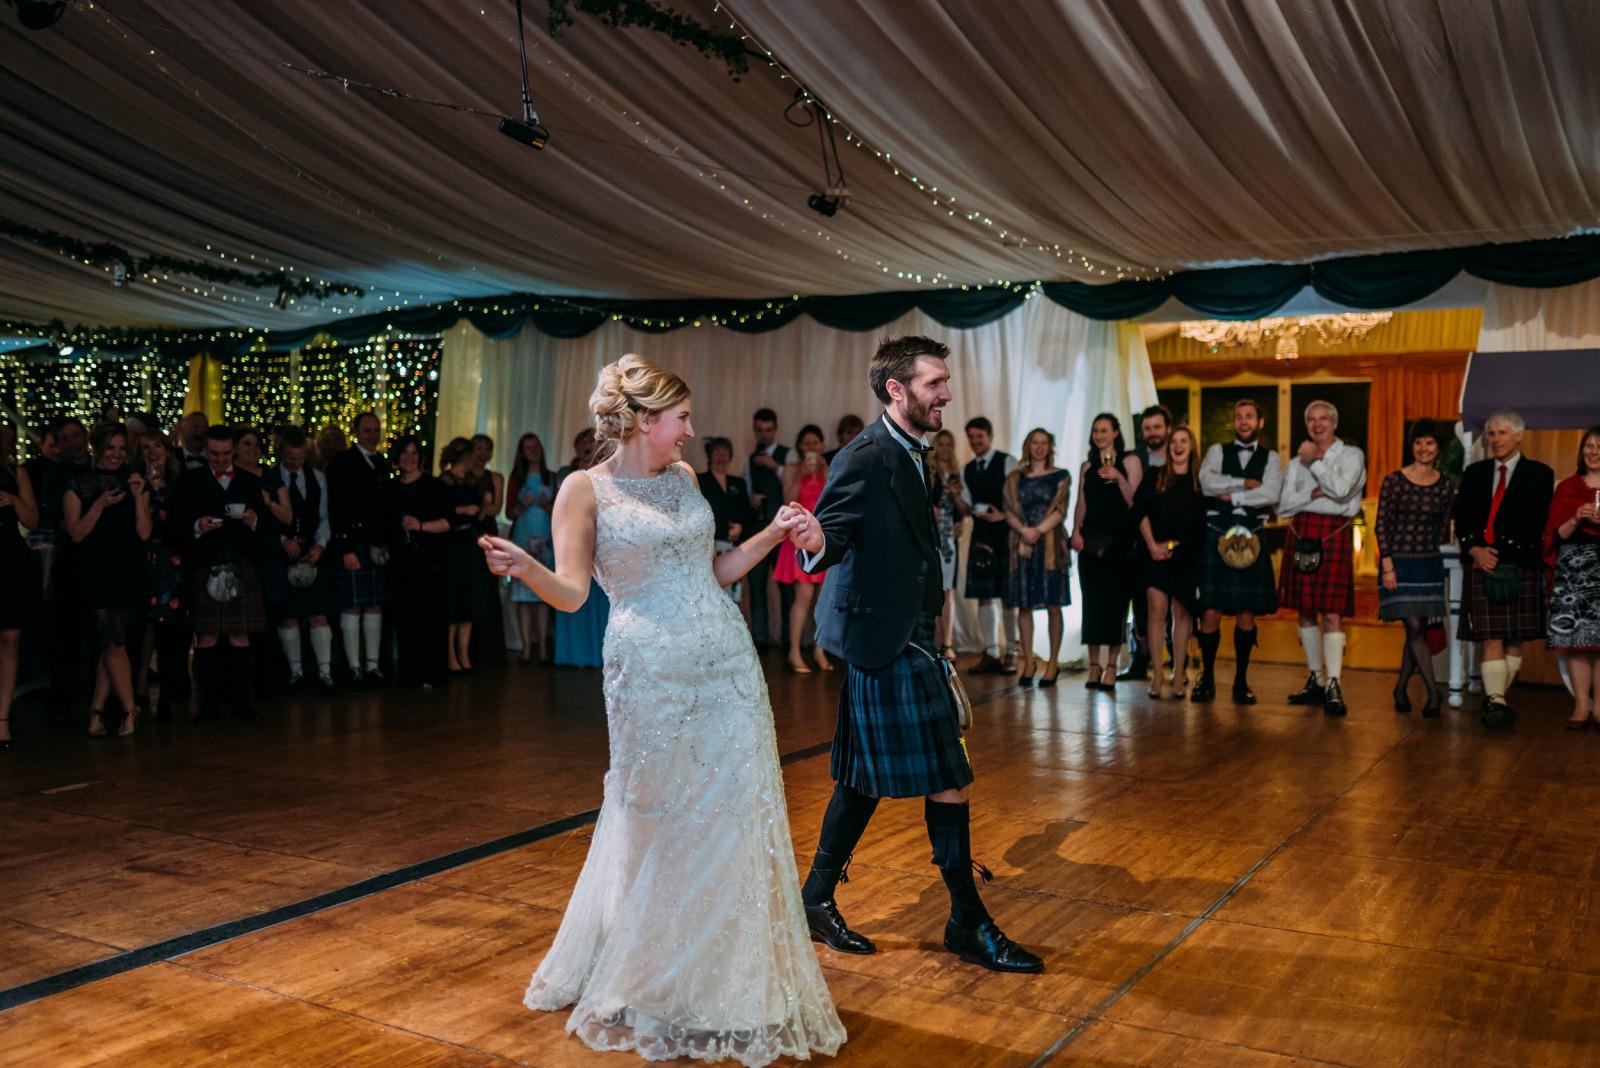 fingask-wedding-435-of-486